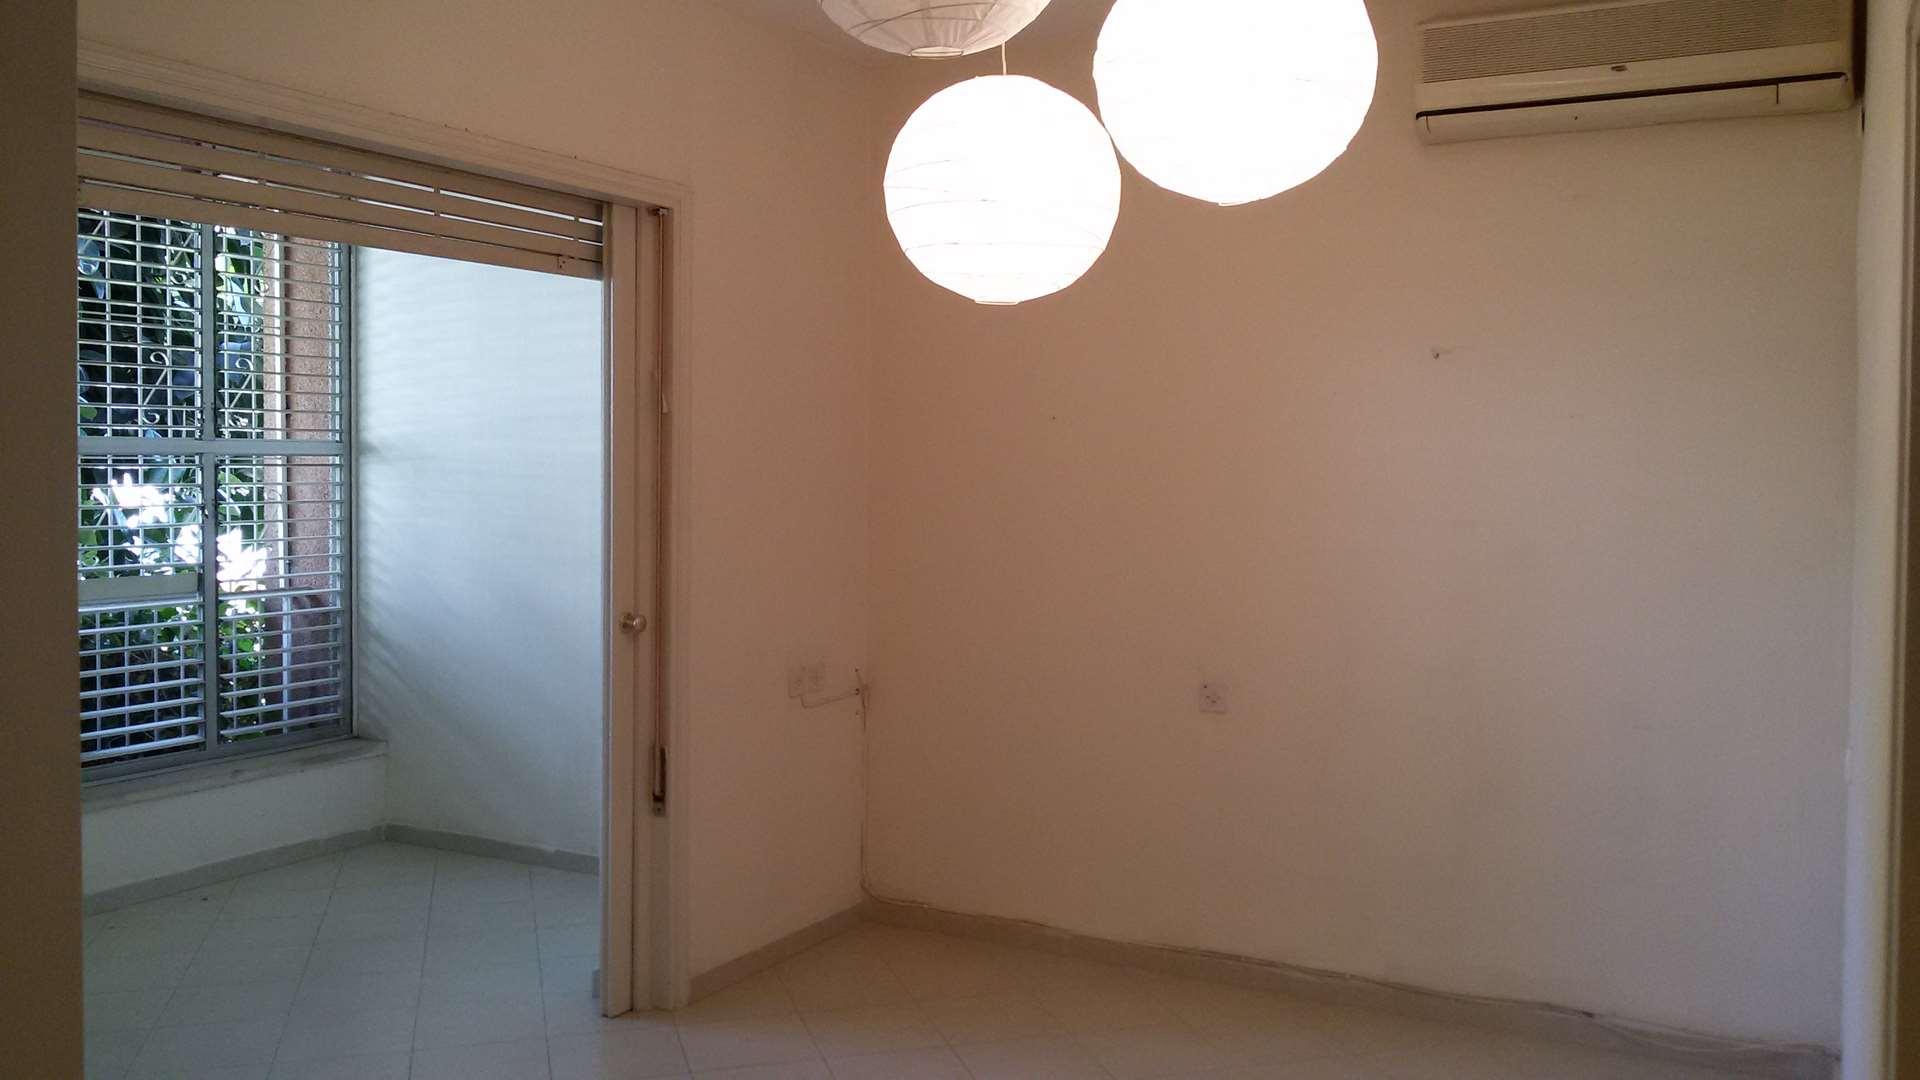 דירה להשכרה 2 חדרים בתל אביב יפו וייצמן